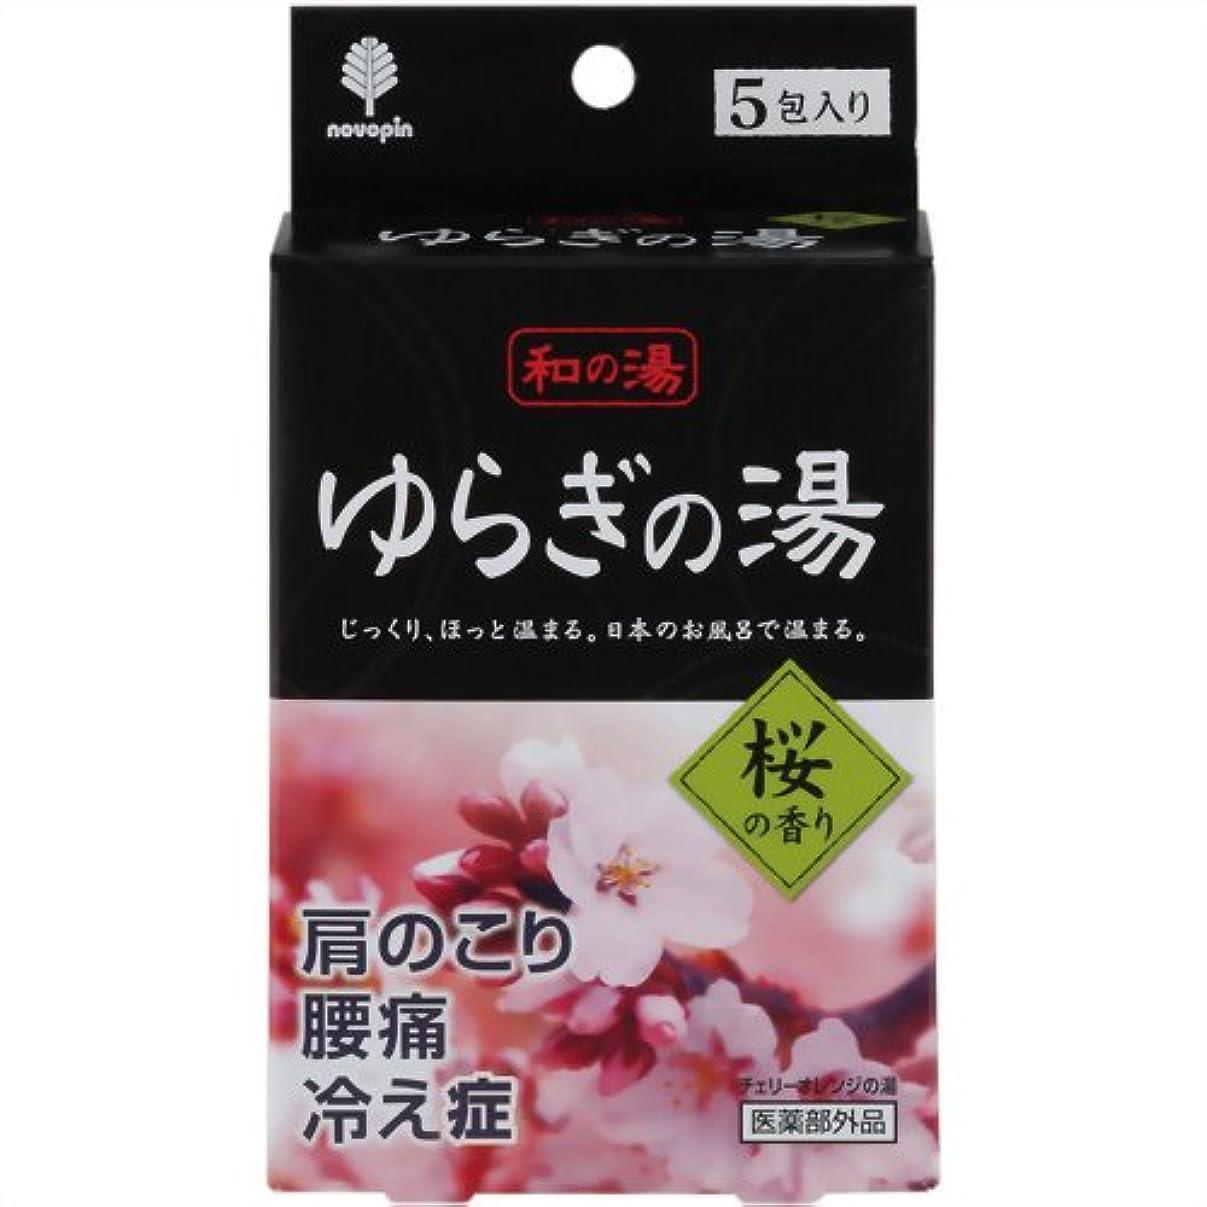 送る累計代わりに和の湯 ゆらぎの湯 桜の香り